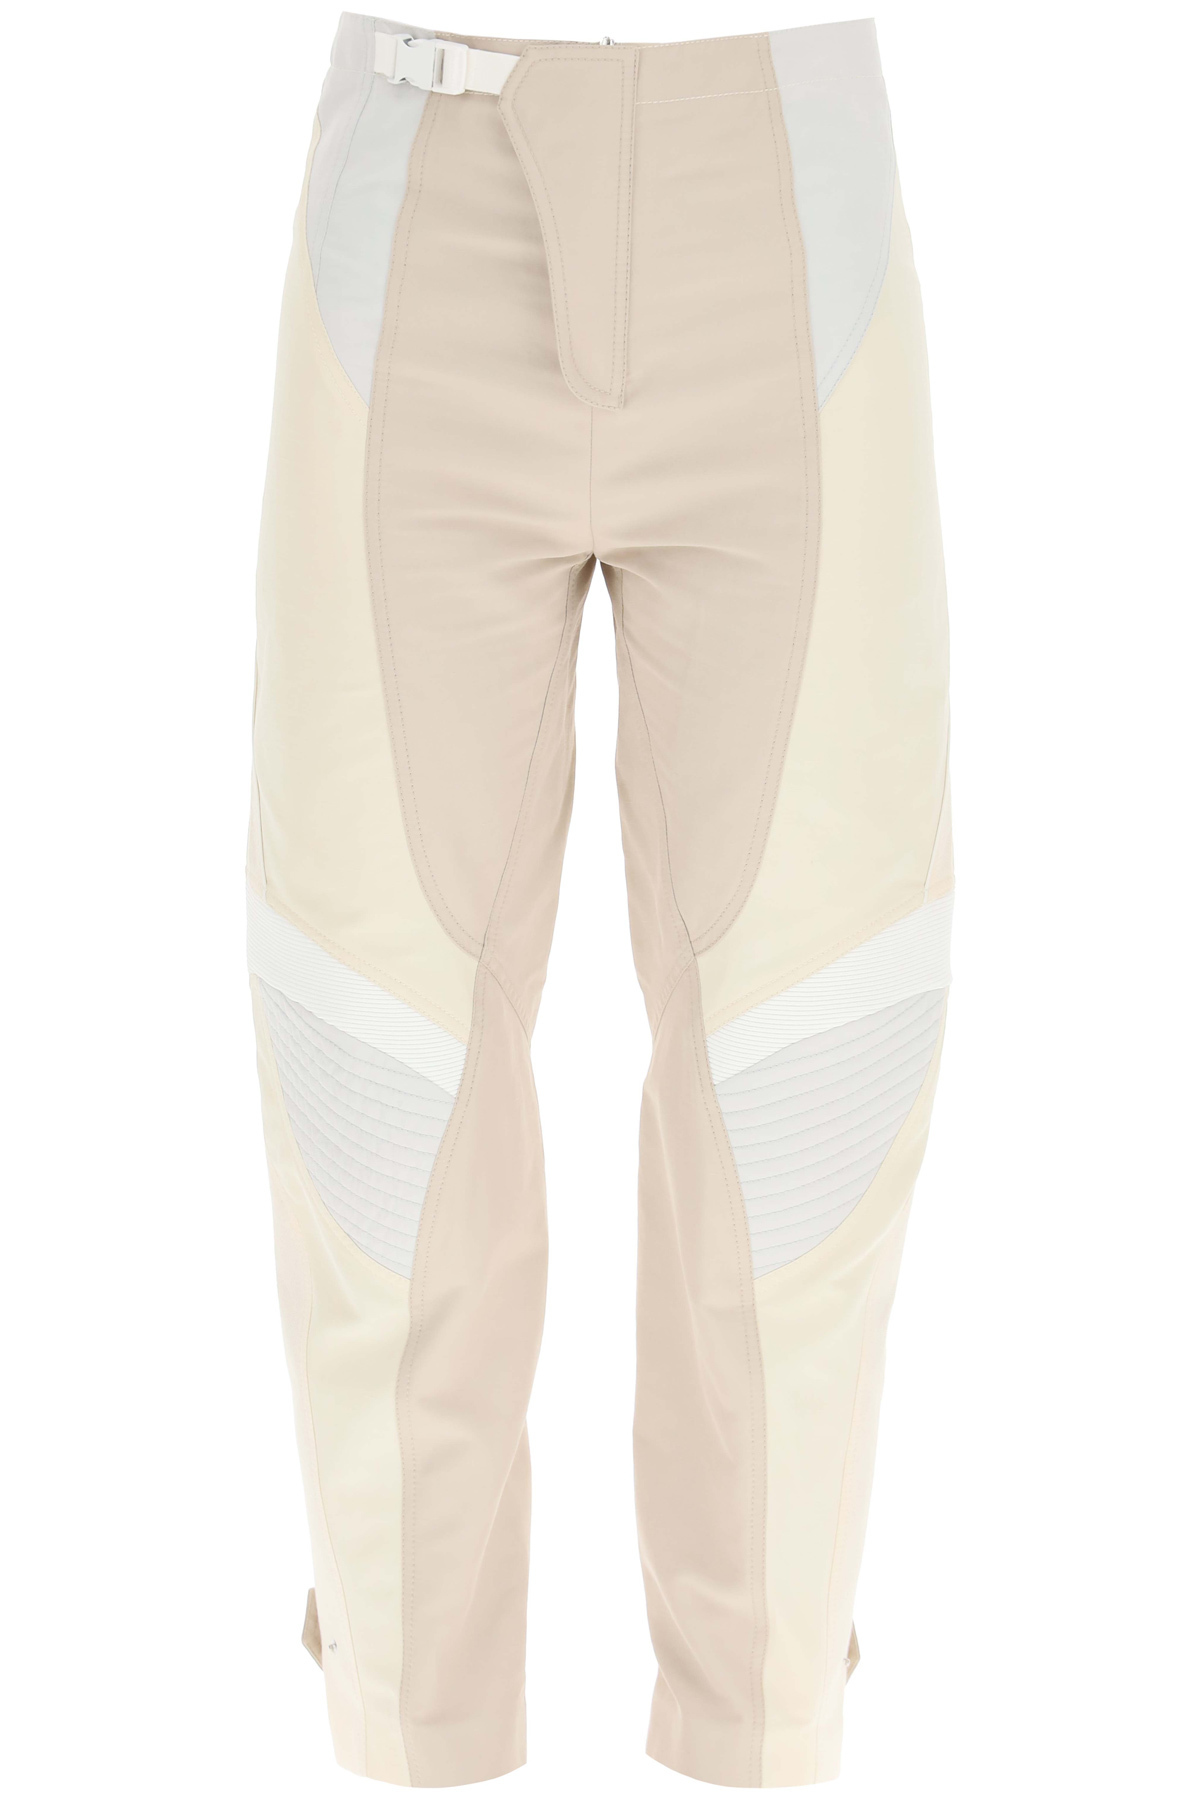 Stella mccartney pantaloni brooke